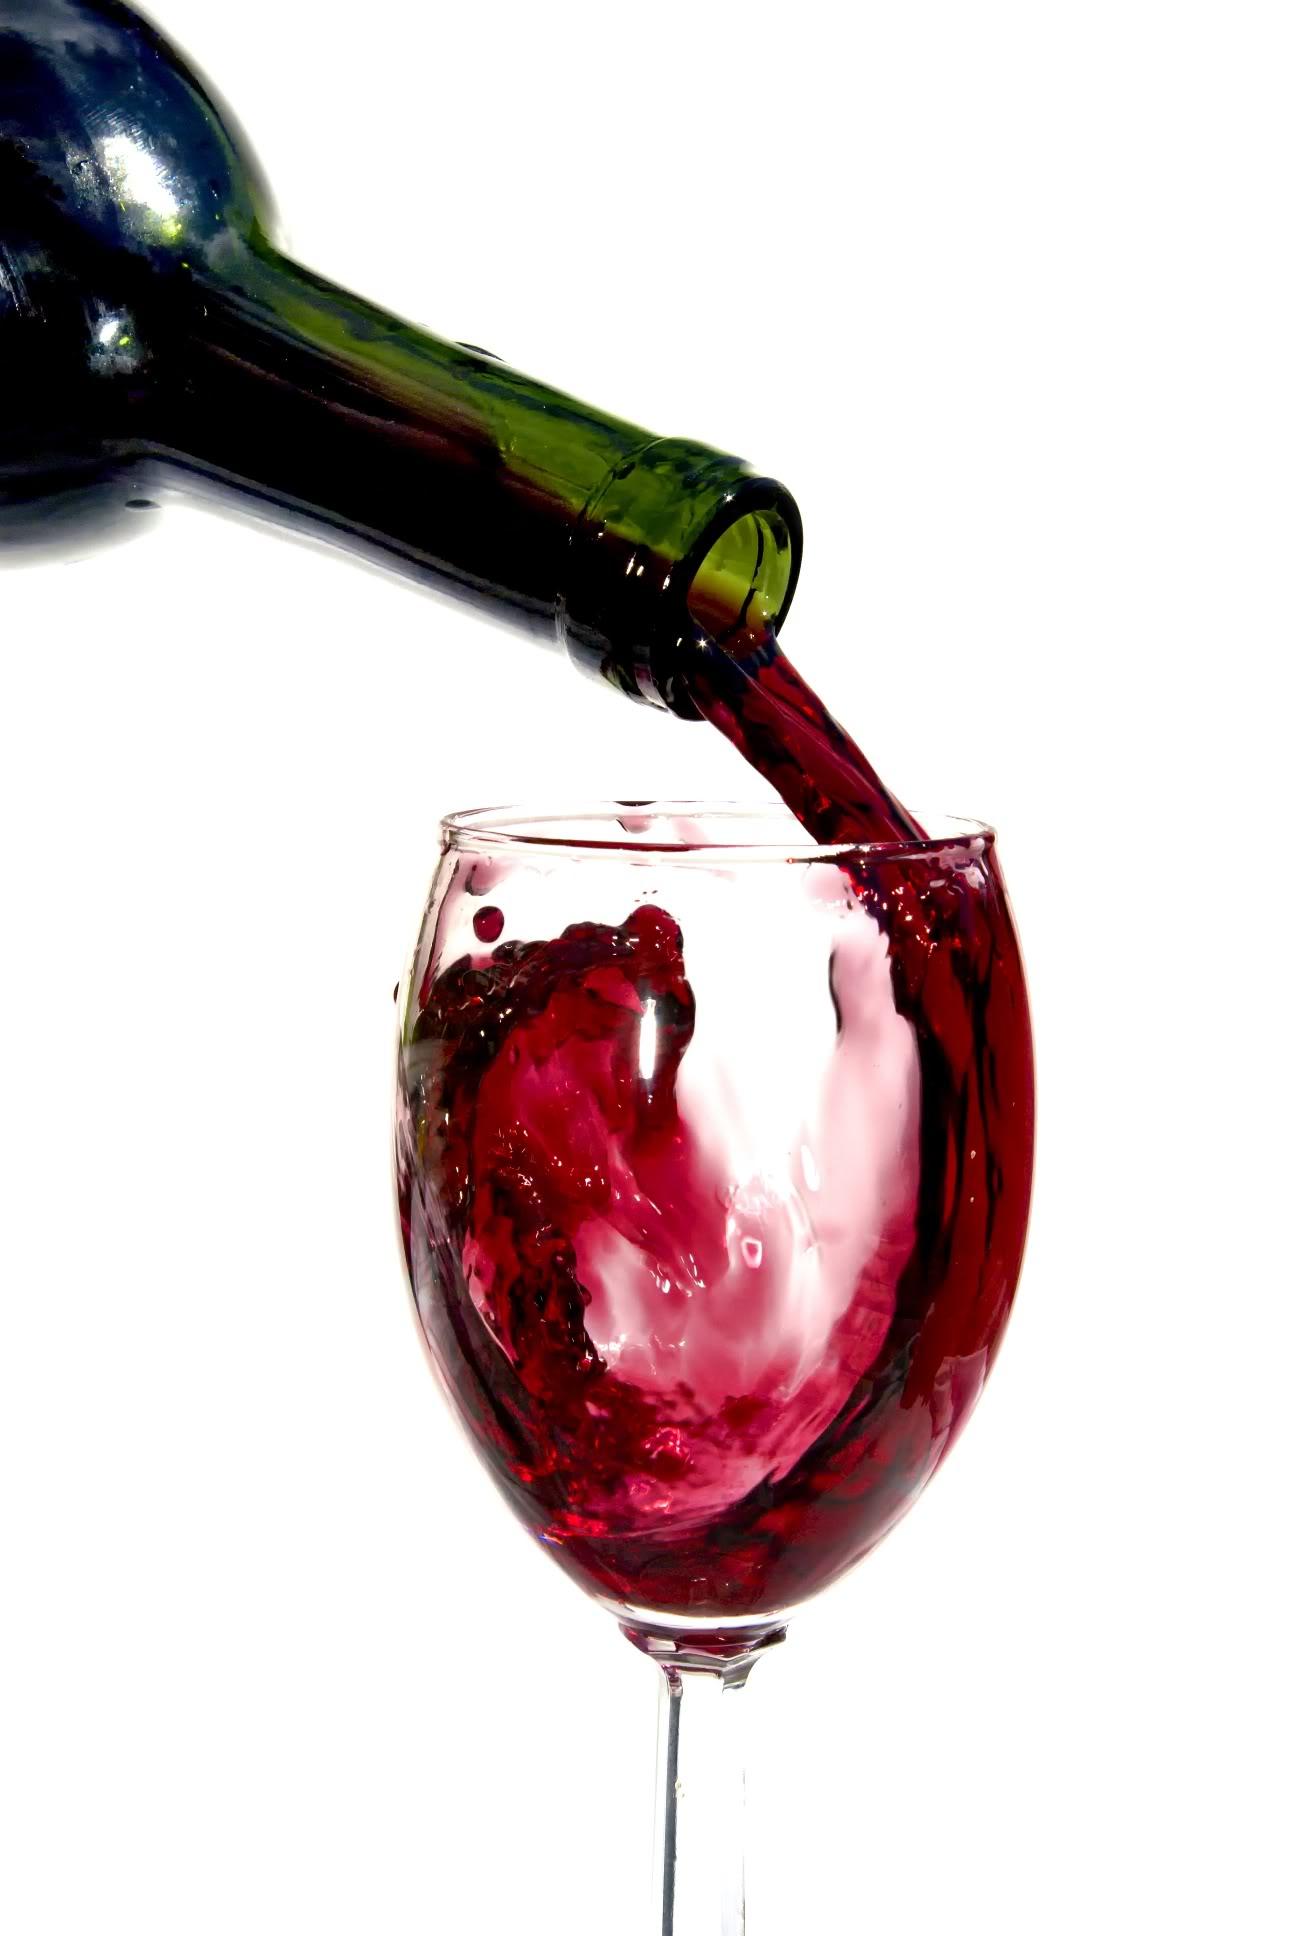 бокал с красным вином, бутылка, скачать фото, обои на рабочий стол